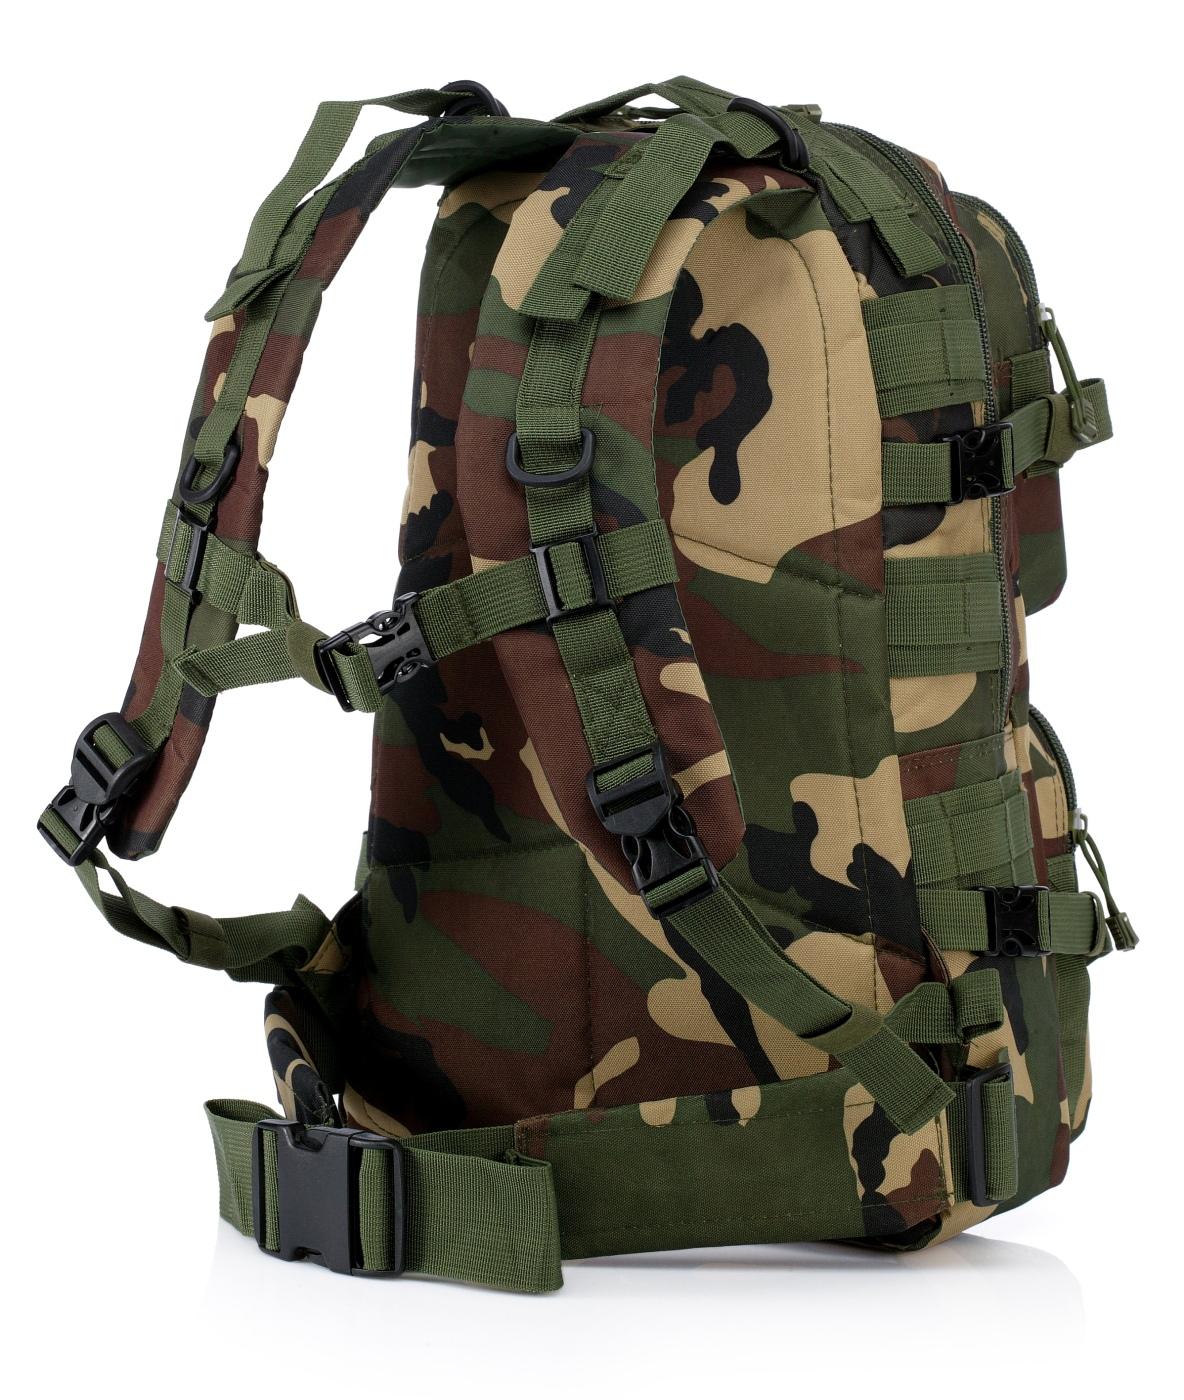 Лучший рюкзак для путешествий BLACKHAWK купить онлайн